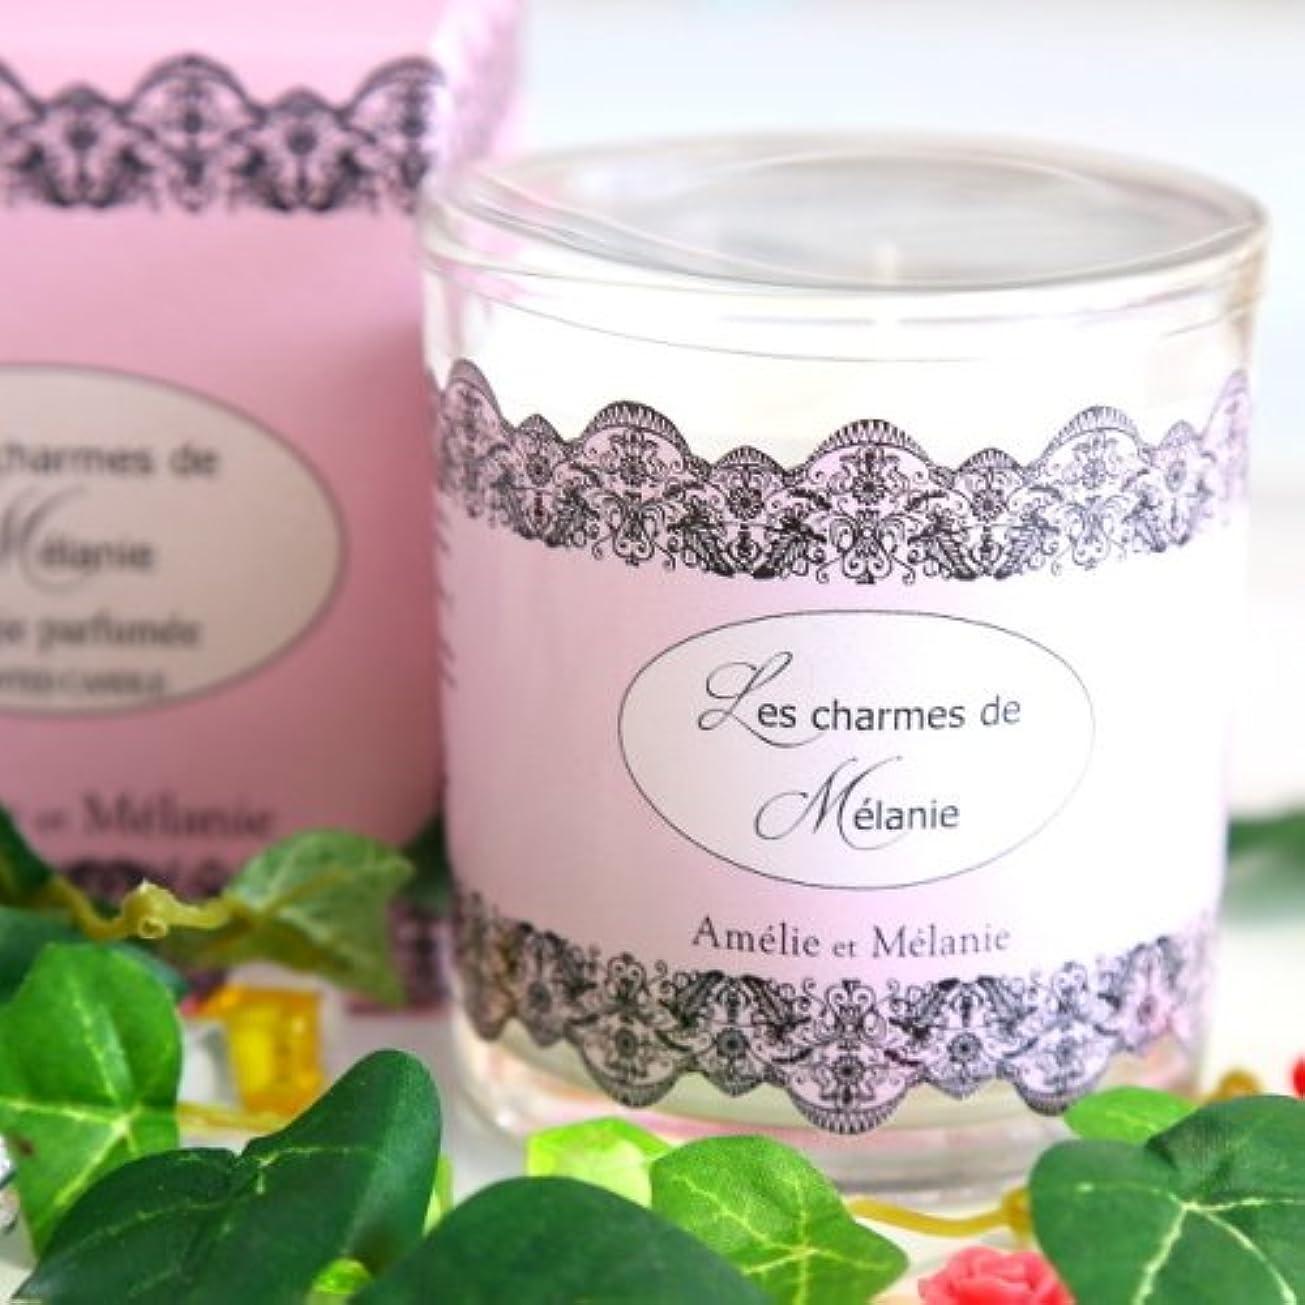 ディスパッチ複製するコジオスコアメリー&メラニー シャルムドゥメラニー グラスキャンドル 140g フレッシュフローラルな香り